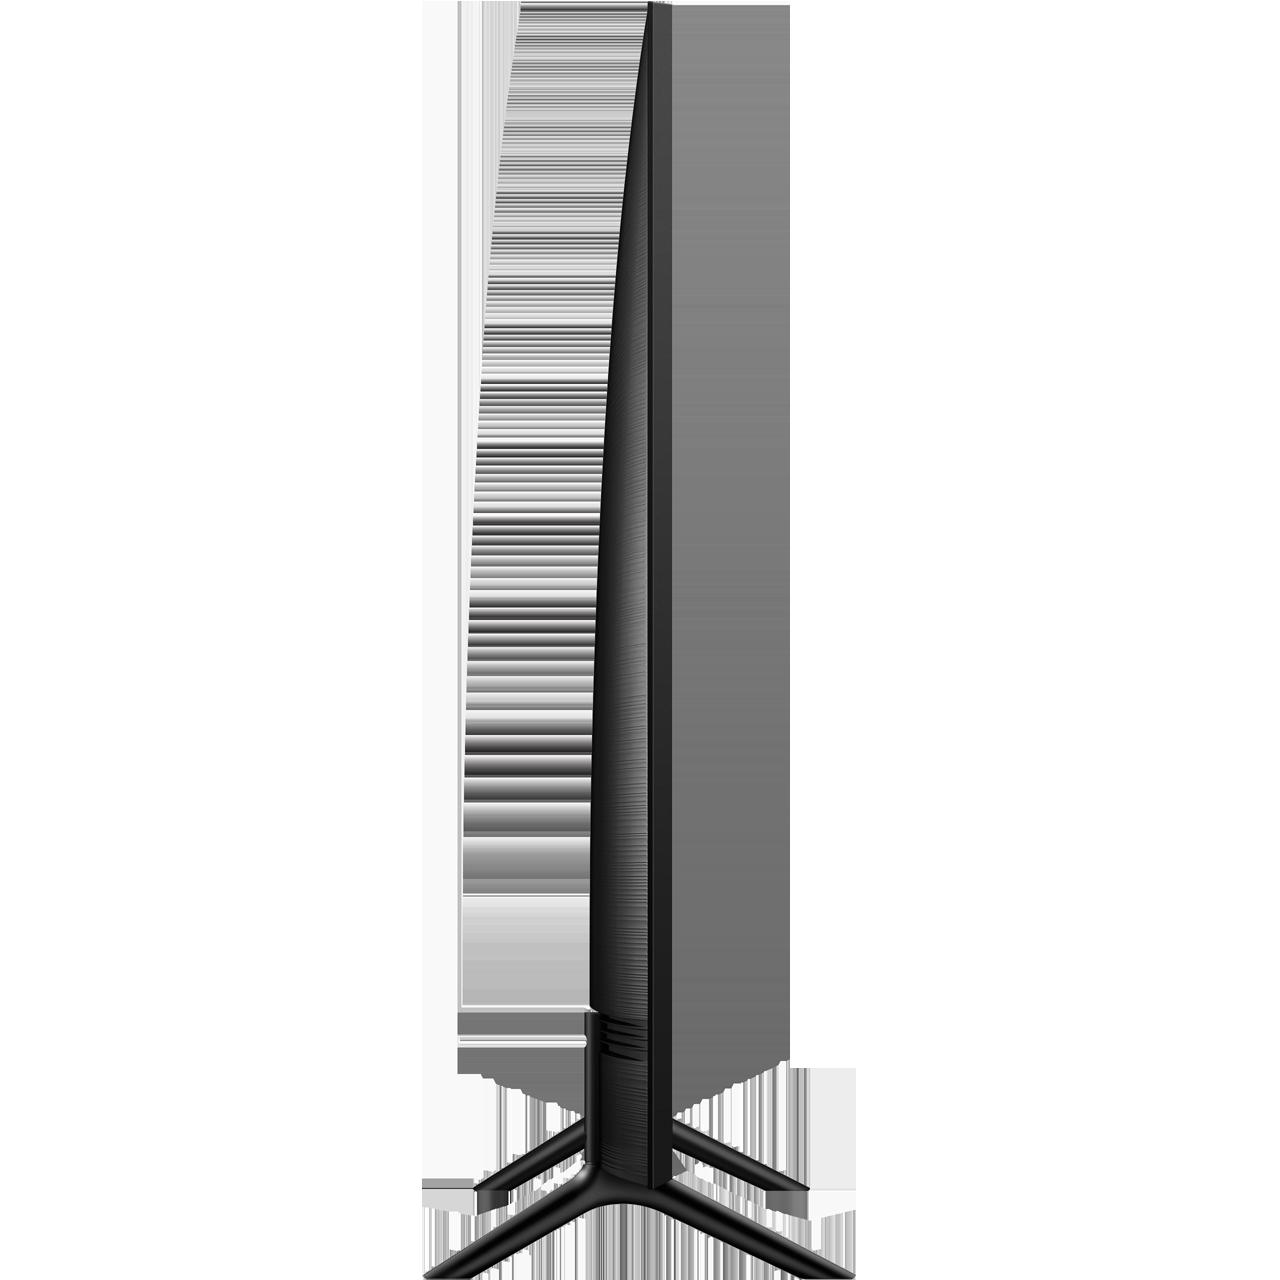 Samsung QLED QE65Q60RA 65